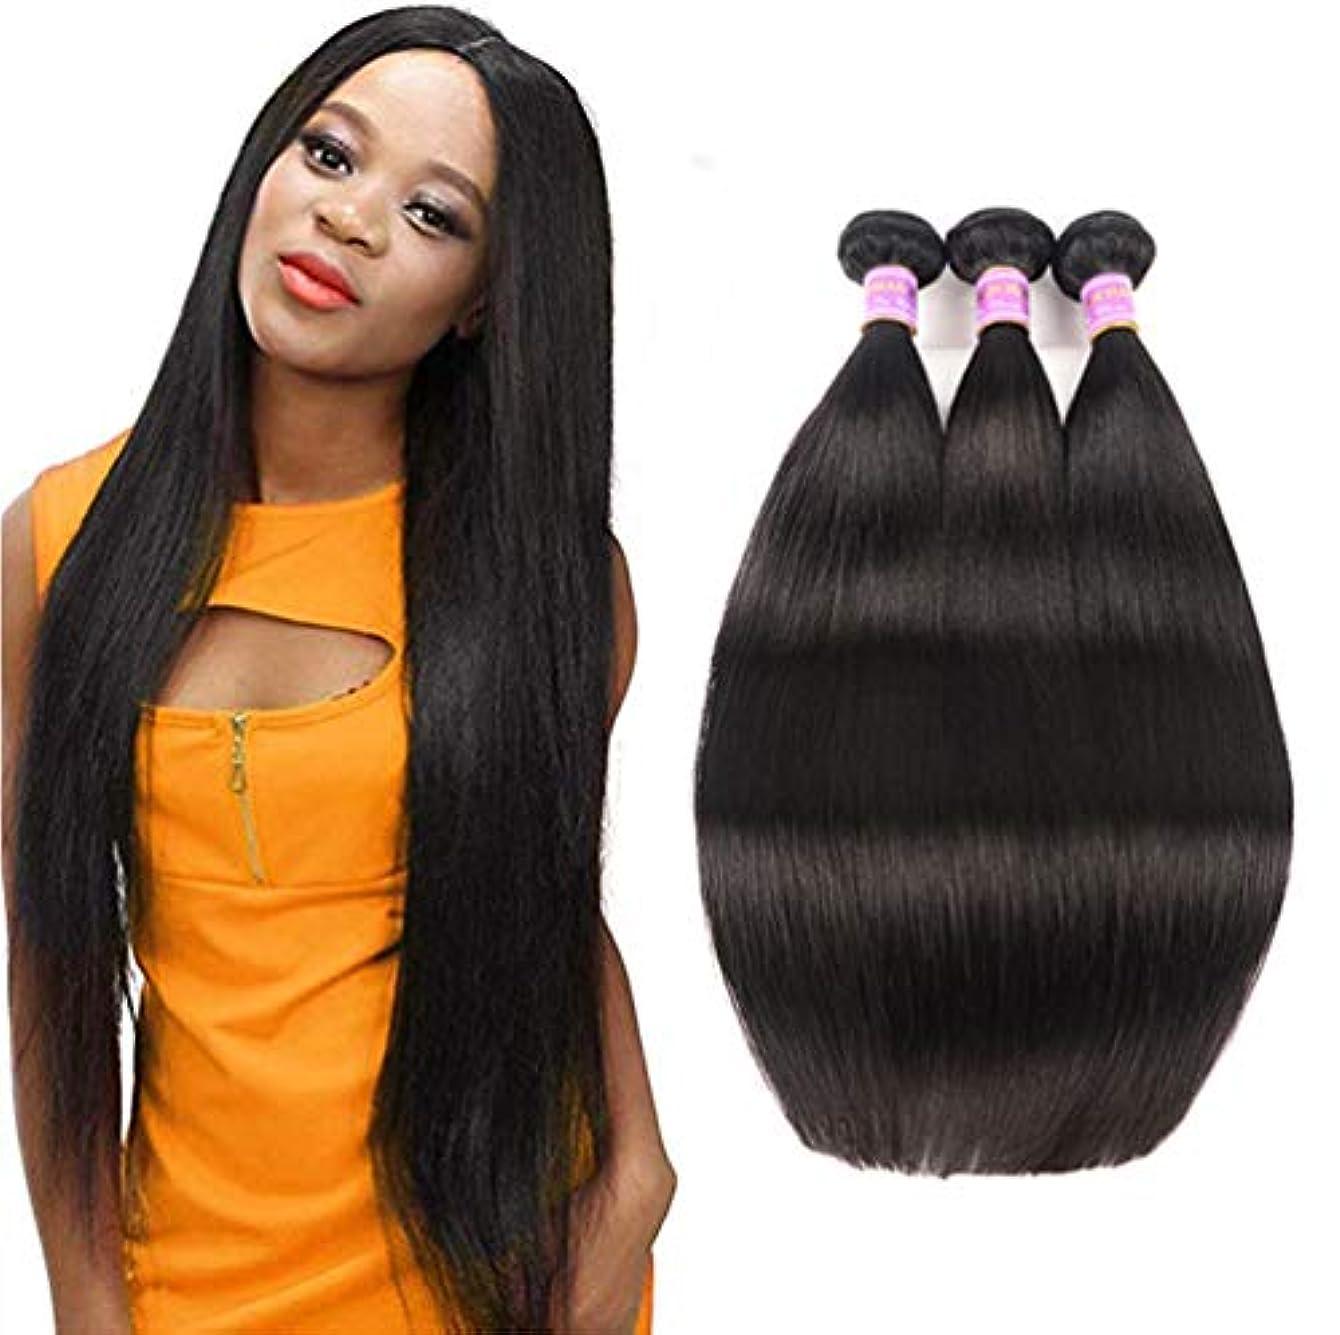 発音スキルスライスブラジルのまっすぐな人間の毛髪3の束の絹のようなまっすぐなバージンの人間の毛髪の織り方延長自然な300g